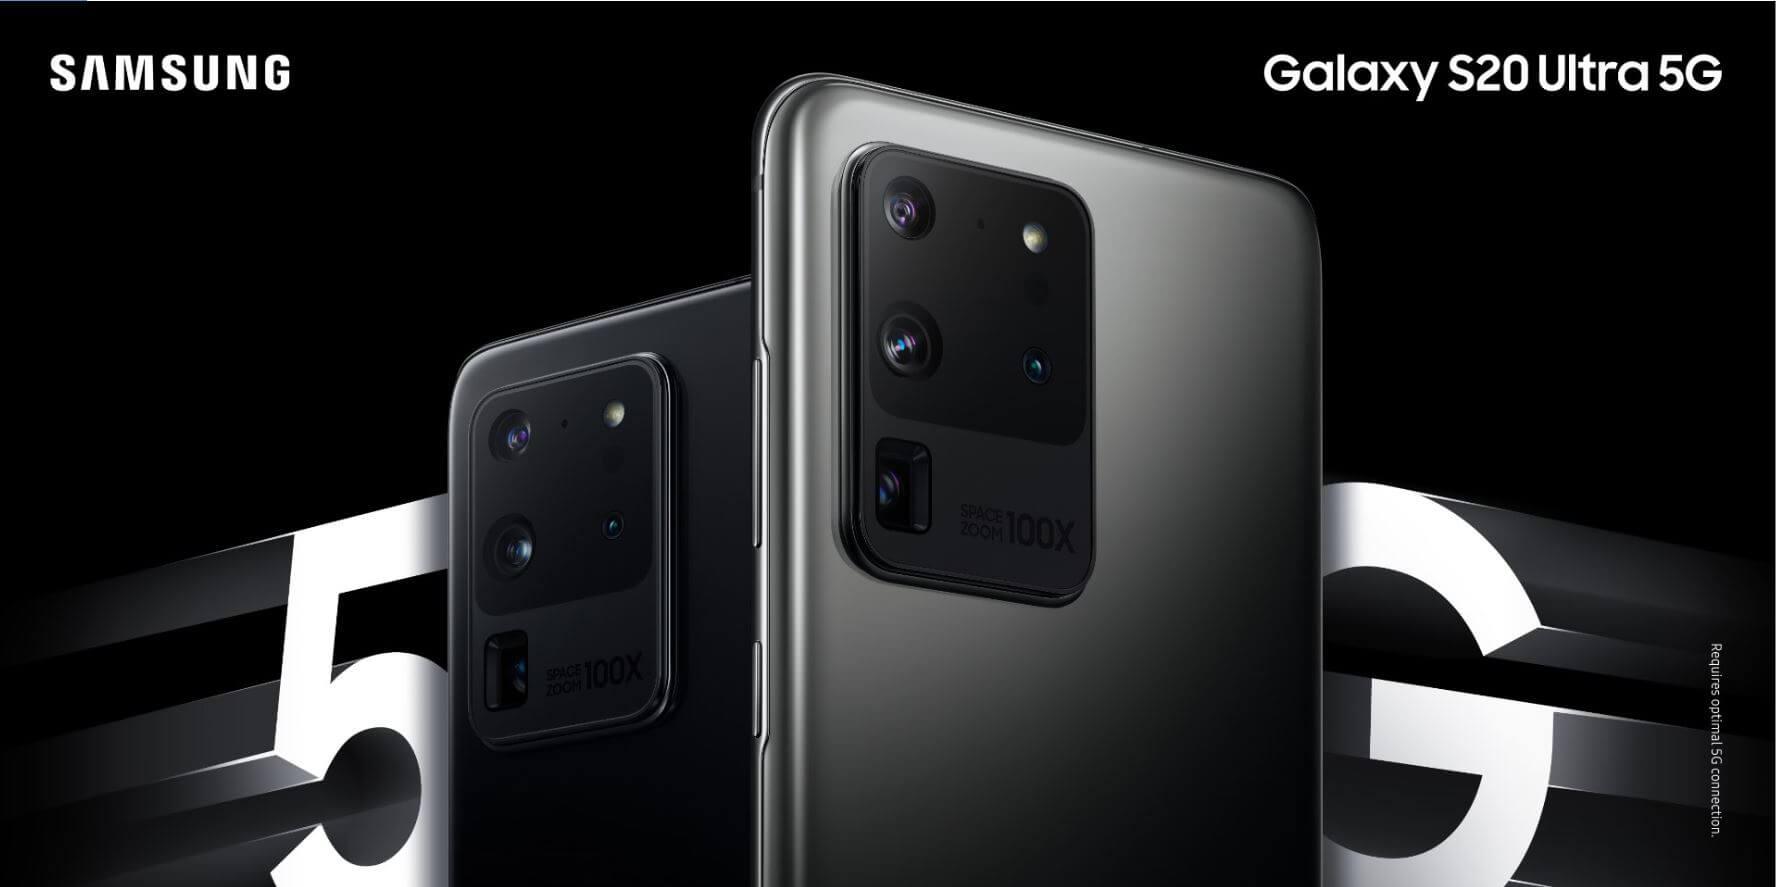 10 Migliori Cover E Custodie Smartphone: Offerte E Prezzi Aprile 2020